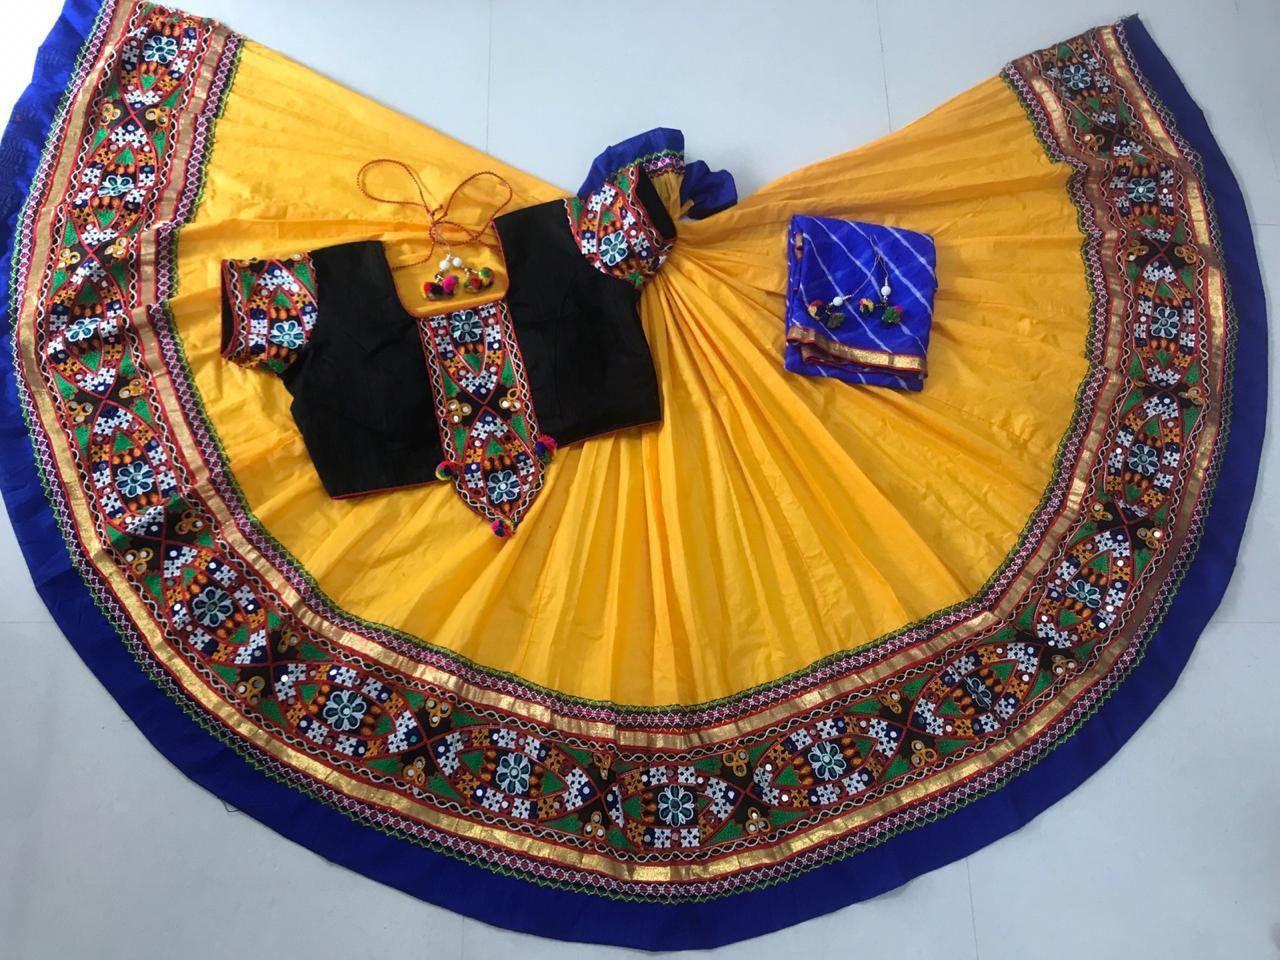 Navaratri Chaniya choli| Chaniya choli | Garba Chaniya Choli| chaniya choli for navaratri